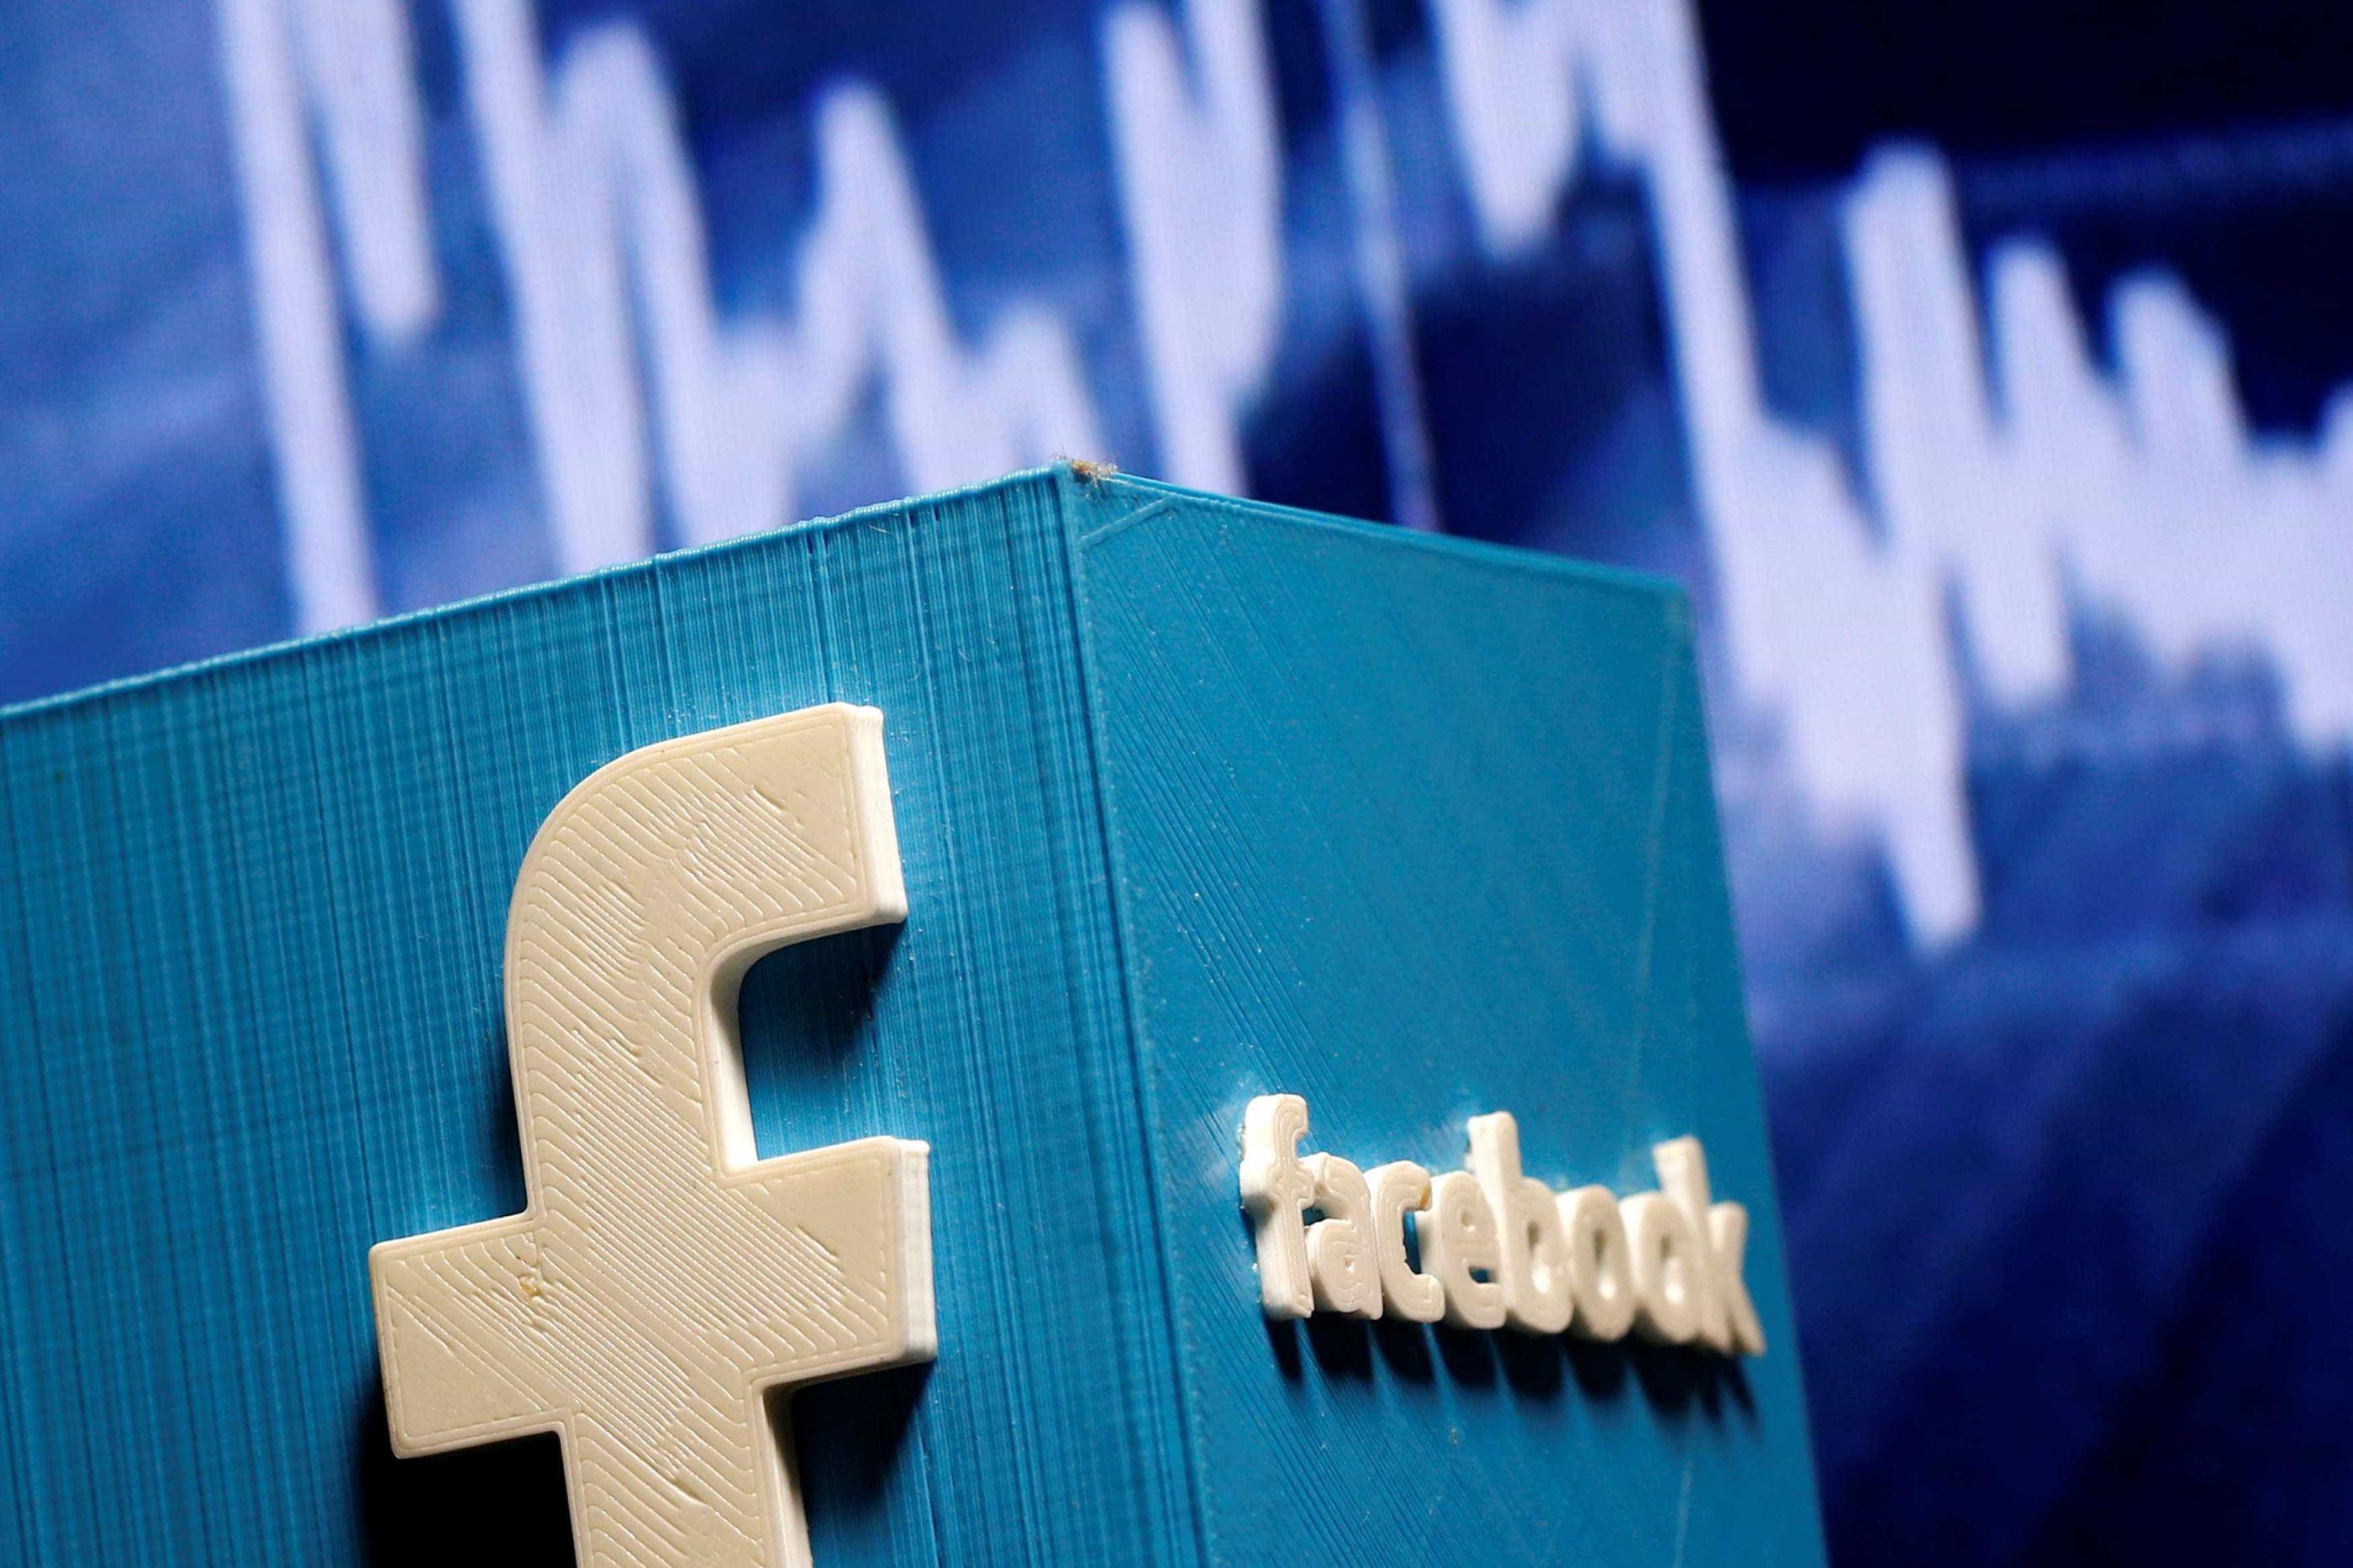 Facebook apagou por acidente posts de Mark Zuckerberg